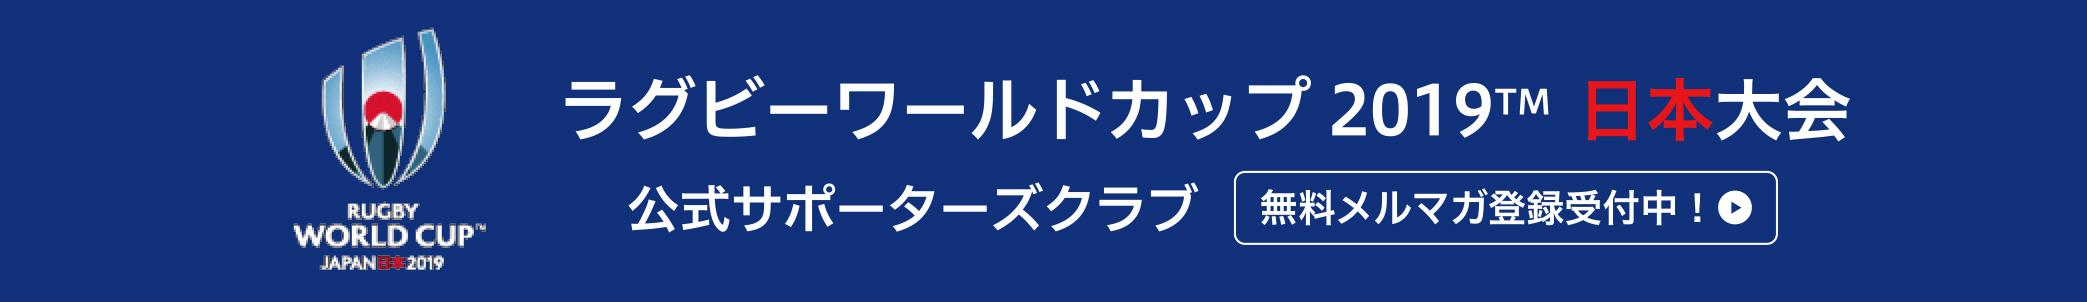 ラグビーワールドカップ 2019 日本大会